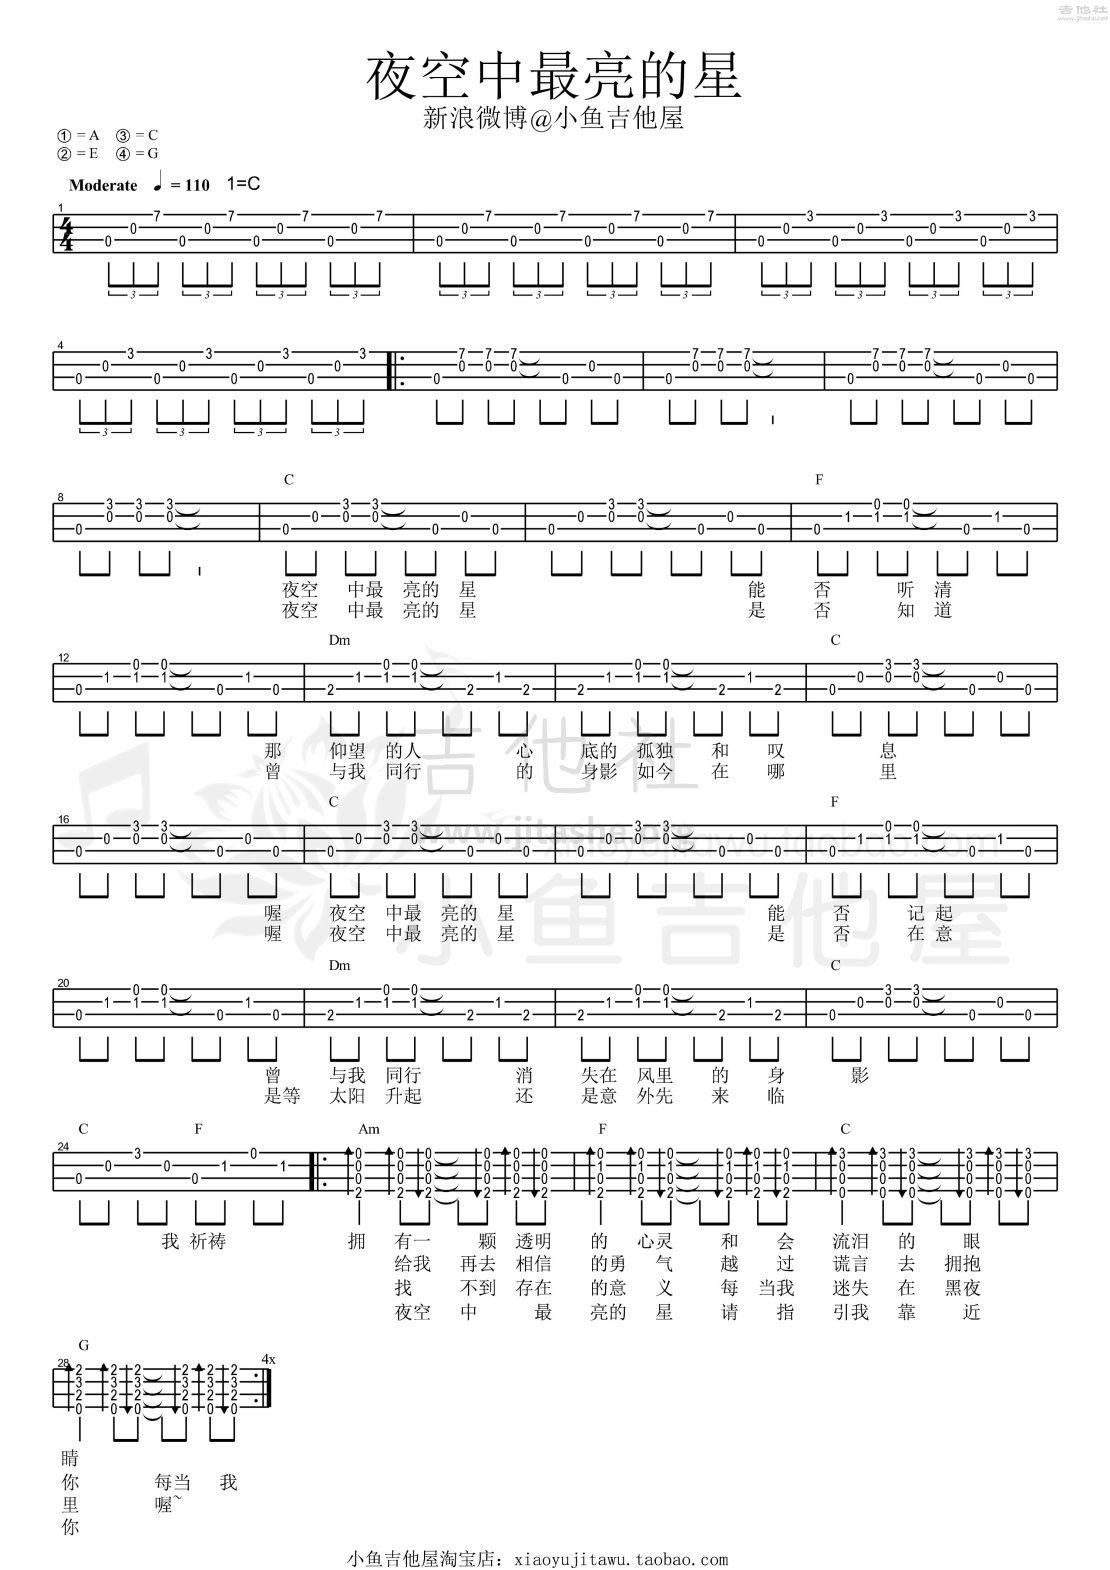 夜空中最亮的星吉他谱(图片谱,尤克里里,弹唱,教程)_逃跑计划_夜空中最亮的星.jpeg